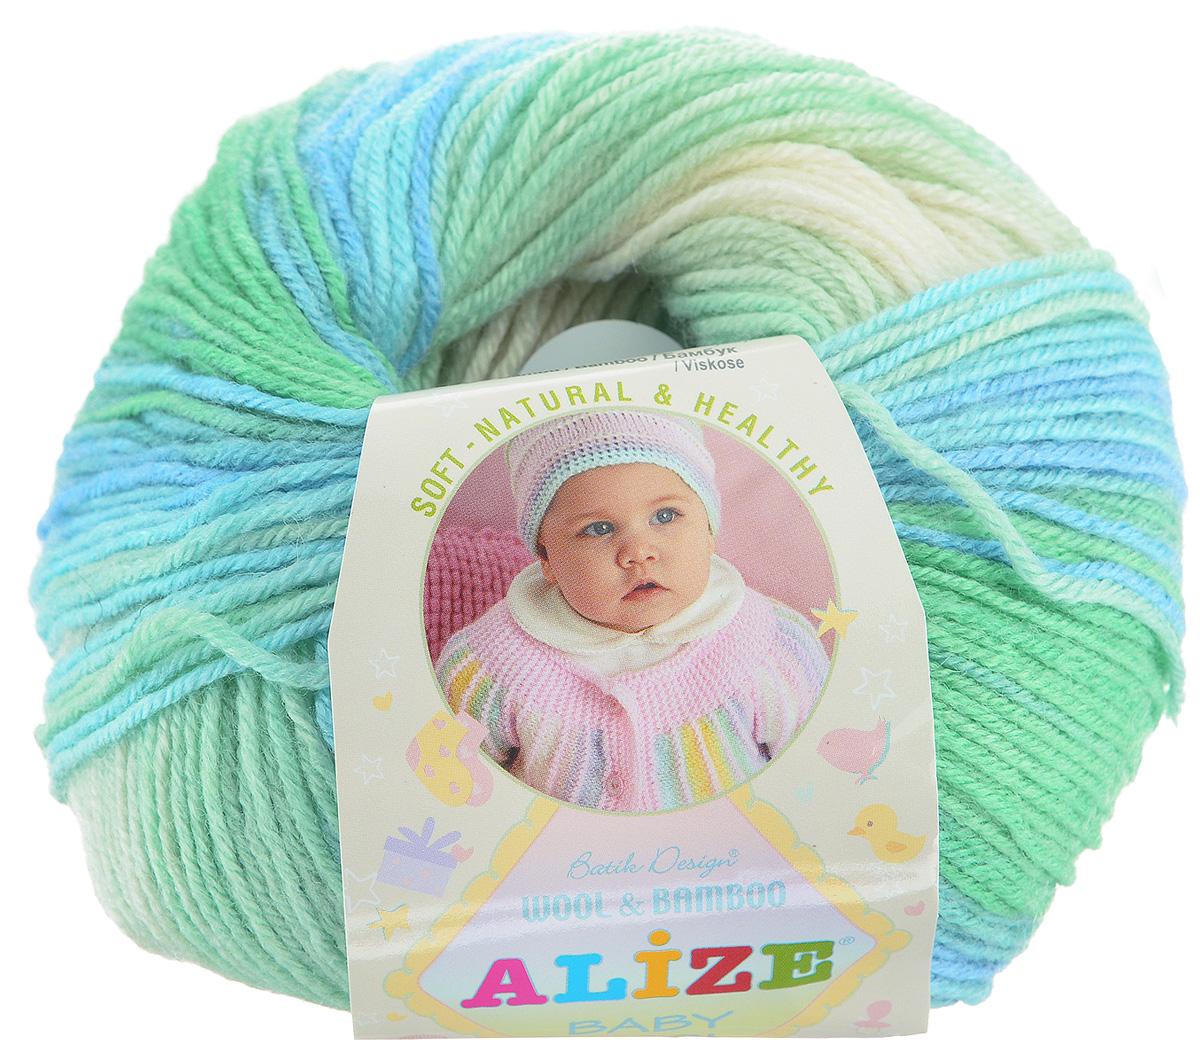 Пряжа для вязания Alize Baby Wool Batik Design, цвет: белый, зеленый, голубой (4389), 175 м, 50 г, 10 шт лонгслив для девочки batik цвет голубой ds0133 11 размер 92